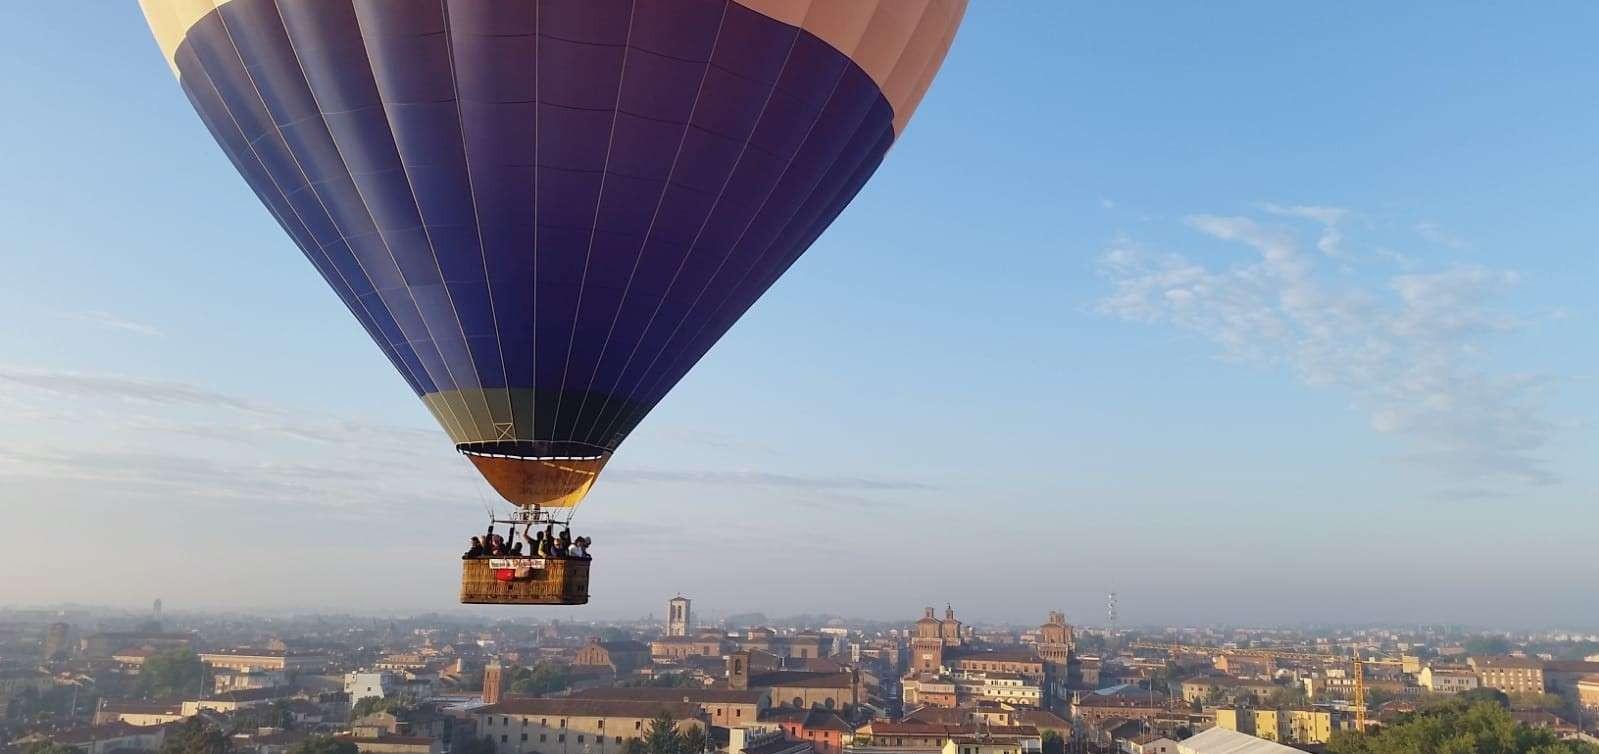 Volo in mongolfiera al tramonto su Reggio Emilia